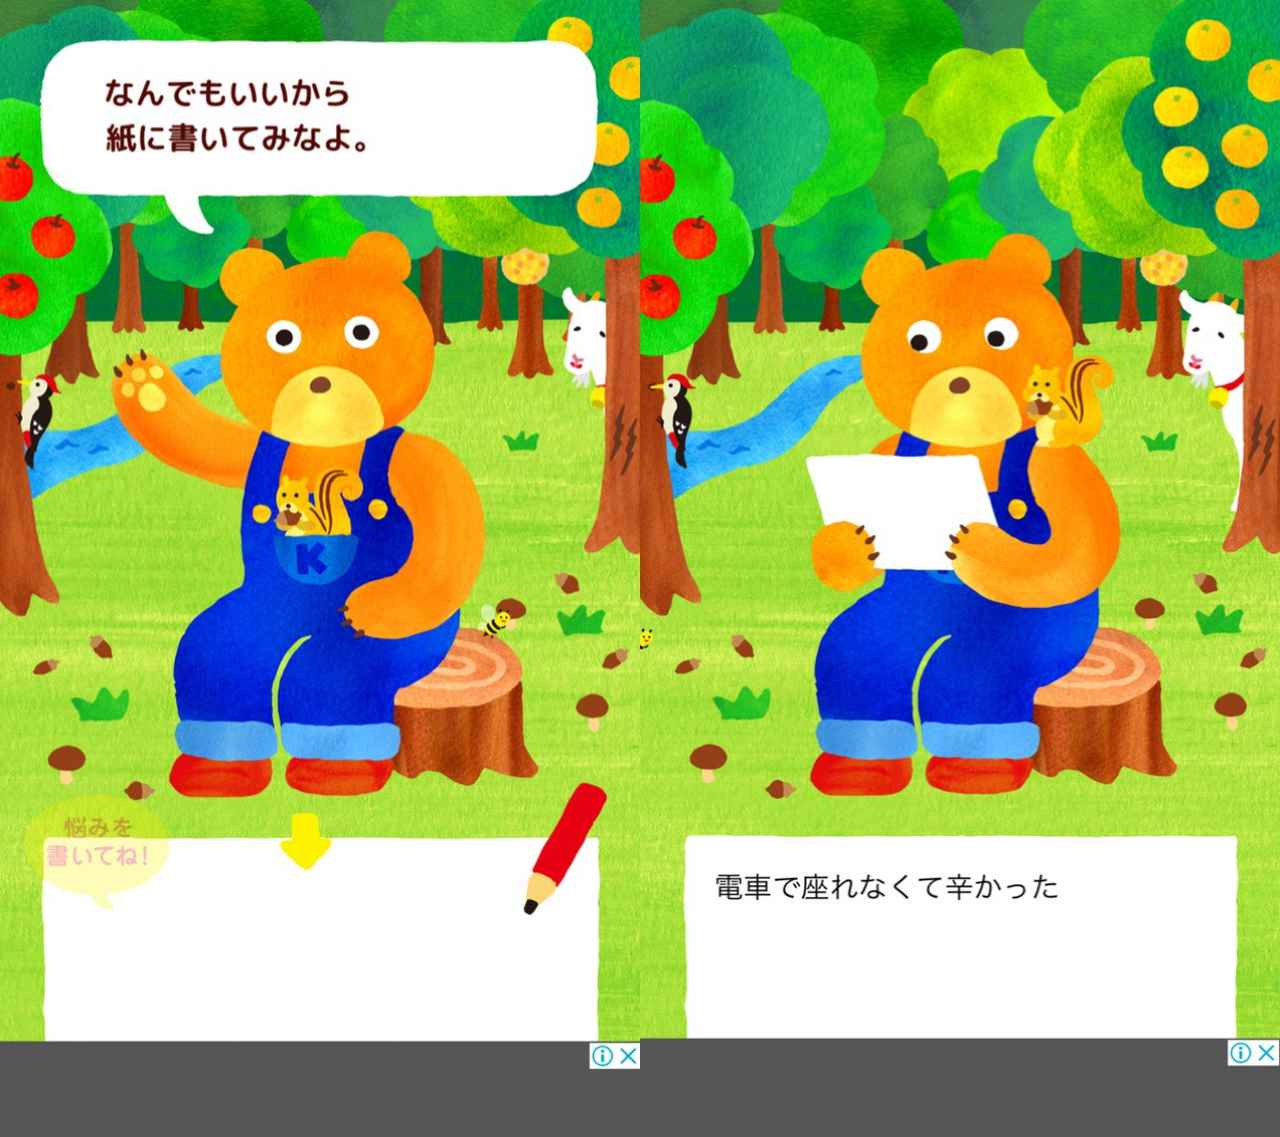 画像2: ちょっと嫌なことがあったら森に住むクマさんに話してみよう。